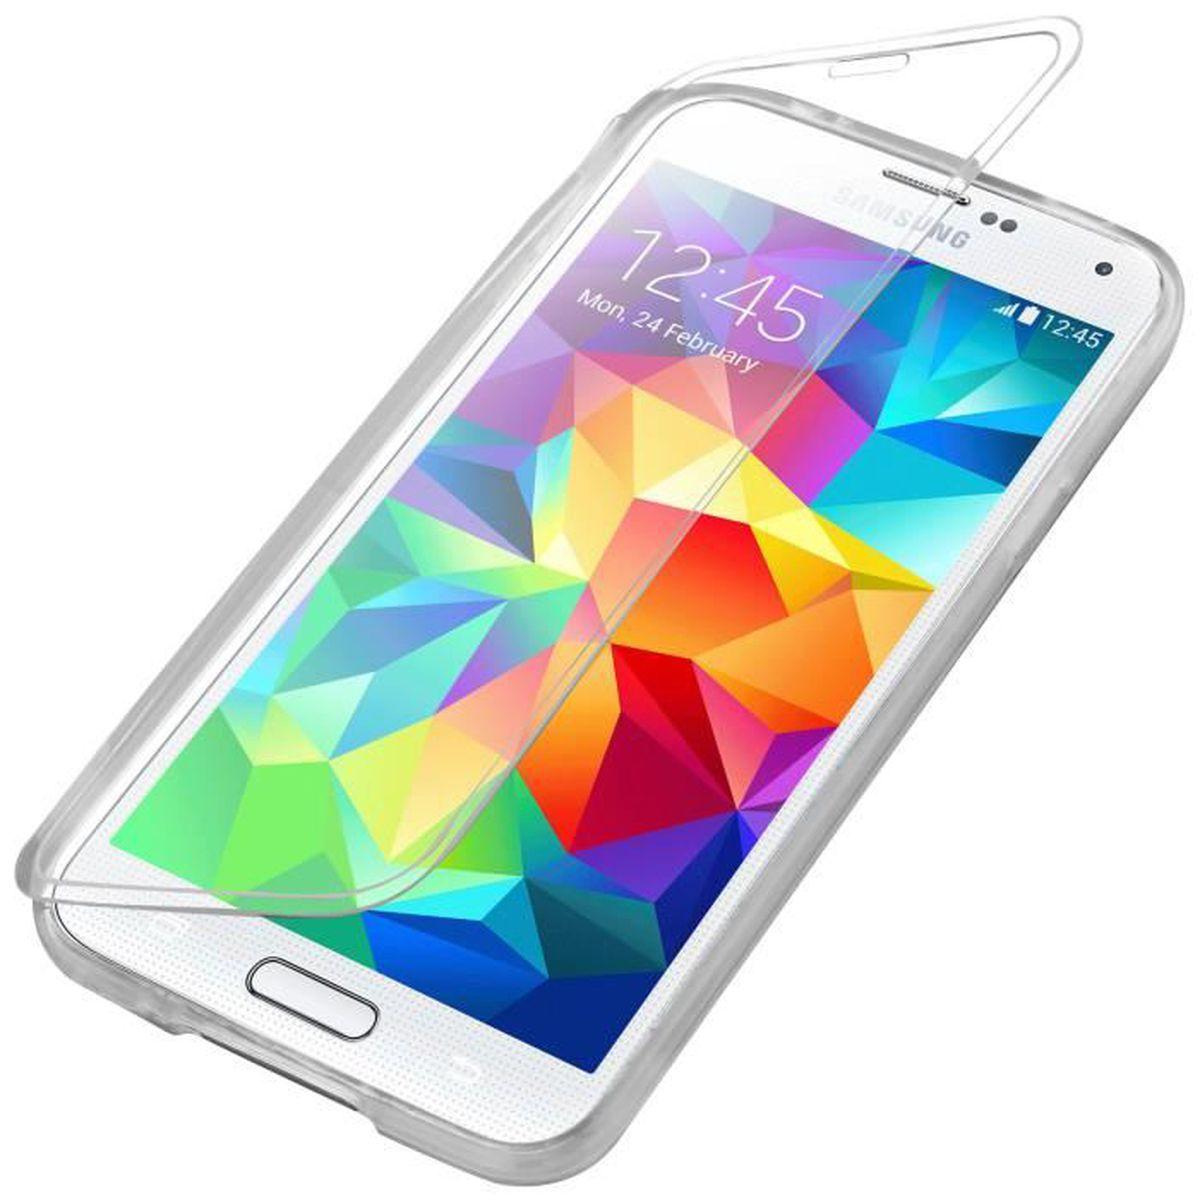 Coque Etui Silicone à Clapet Tactile pour Samsung Galaxy S5 - transparent